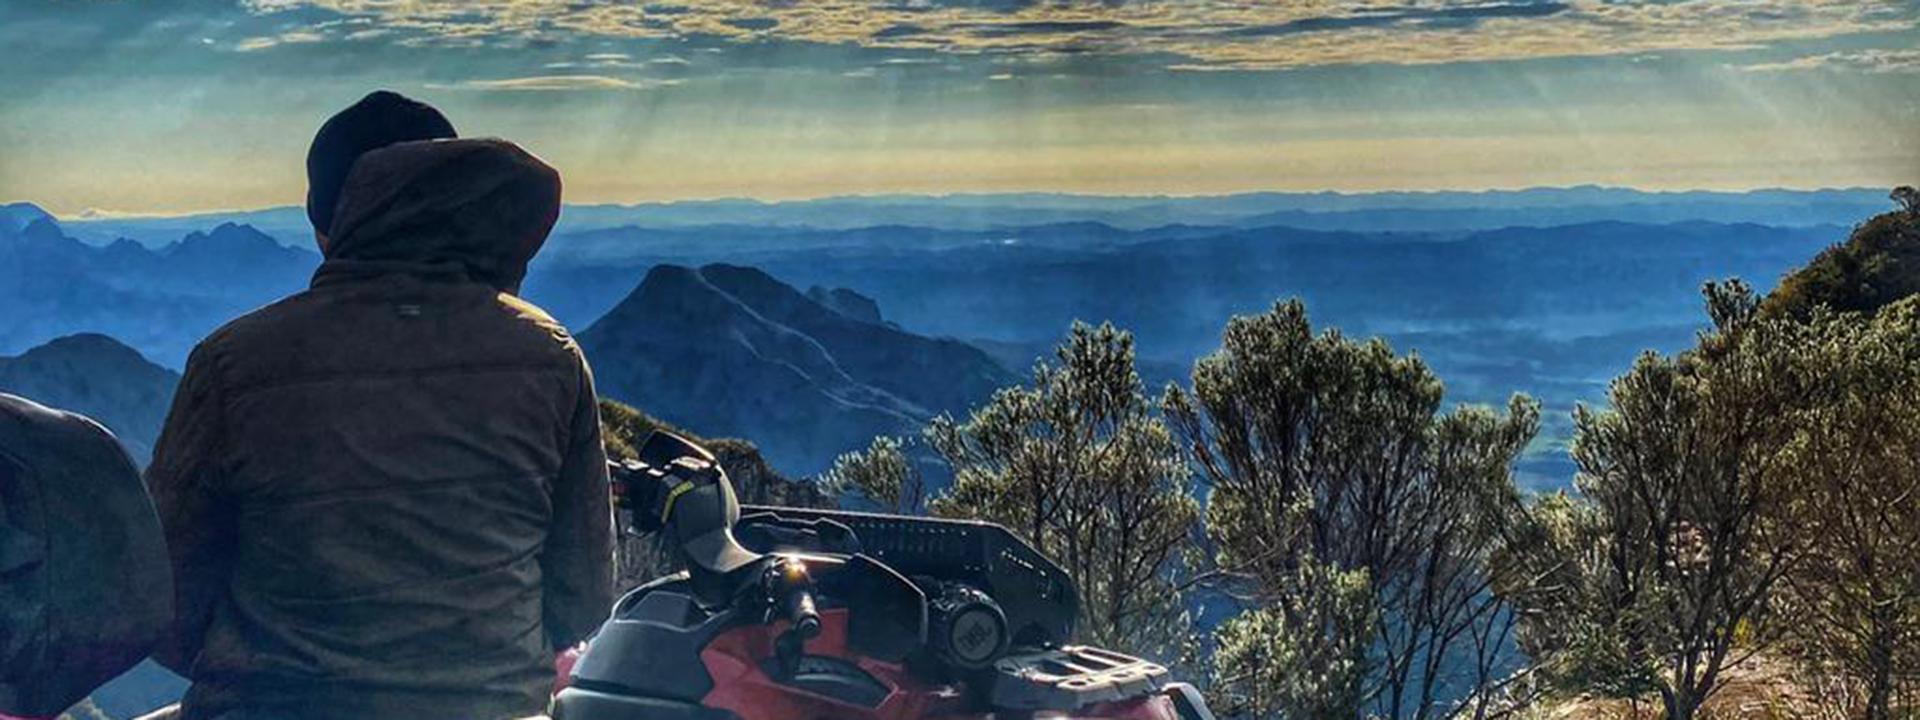 Passeios de Quadriciclo no Canion do Funil